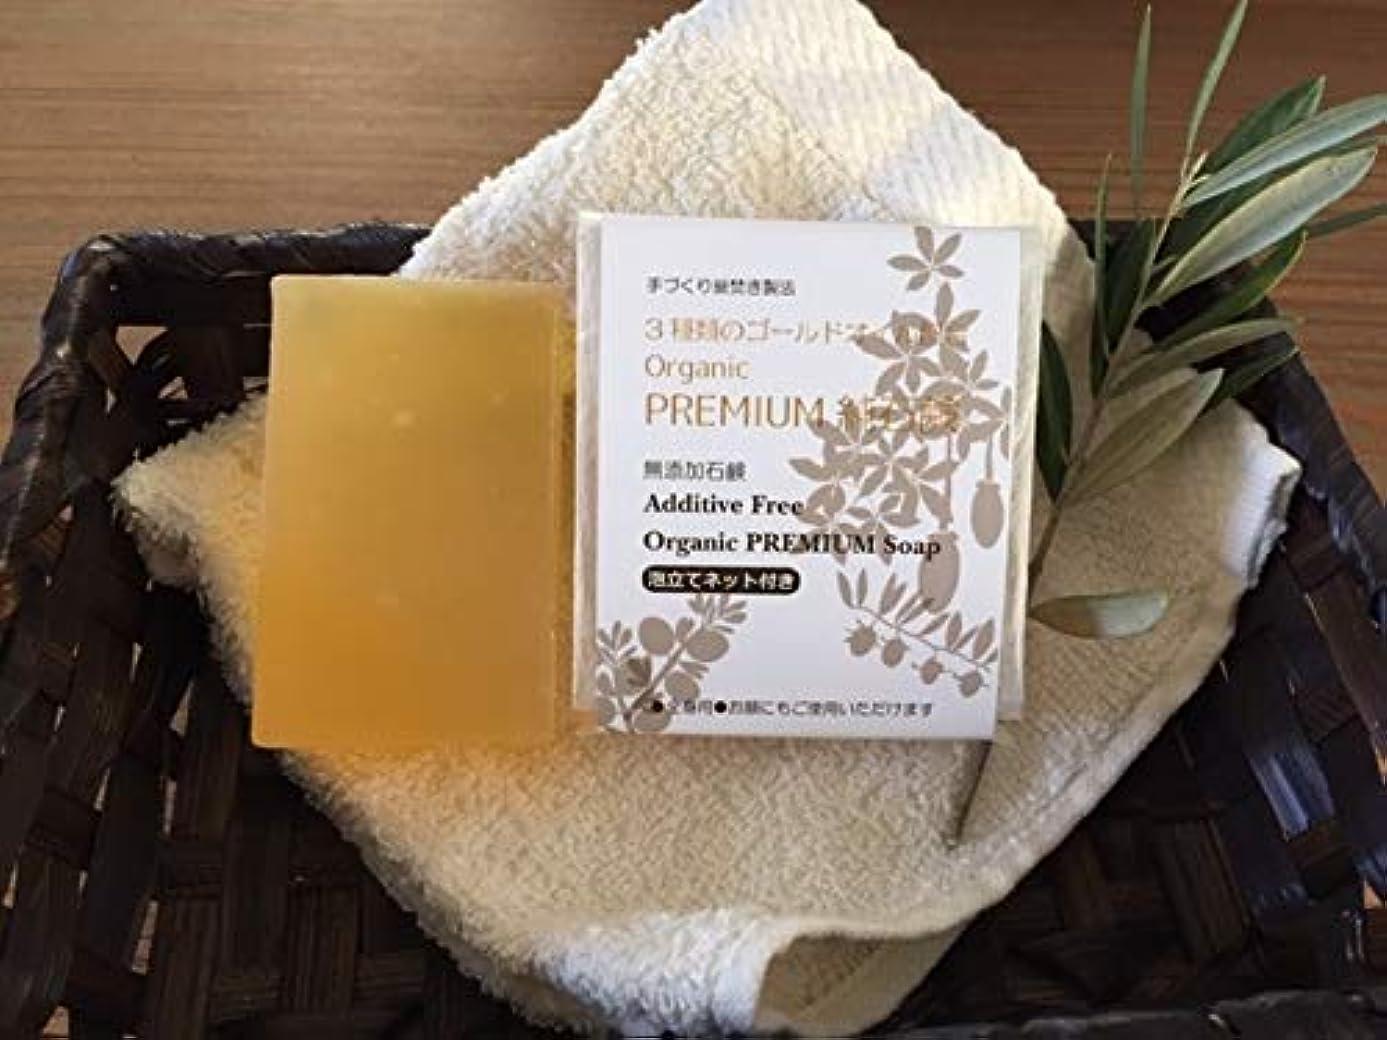 入る閲覧する独占手づくり釜焚き石鹸 Organic PREMIUM 純石鹸 130gバス用ジャンボサイズ 『3種の未精製 ゴールドオイル配合』 3種類の有機栽培ゴールドオイルをたっぷり配合したプレミアム処方です